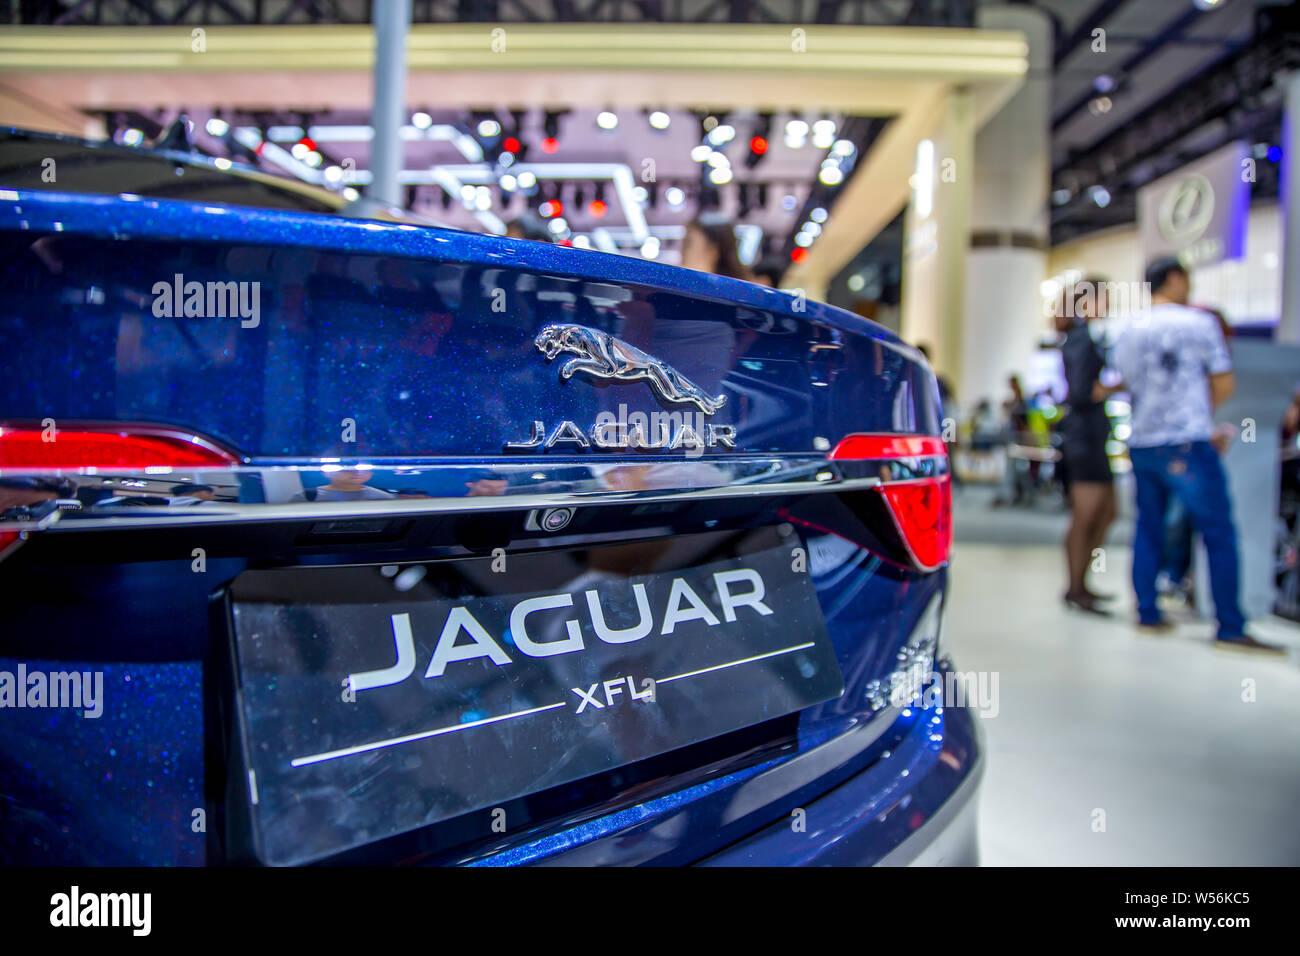 ----Un archivo XFL de automóviles Jaguar Land Rover se muestra durante la 15a China (Guangzhou) Salón Internacional del Automóvil, también conocido como Auto Guangzho Foto de stock